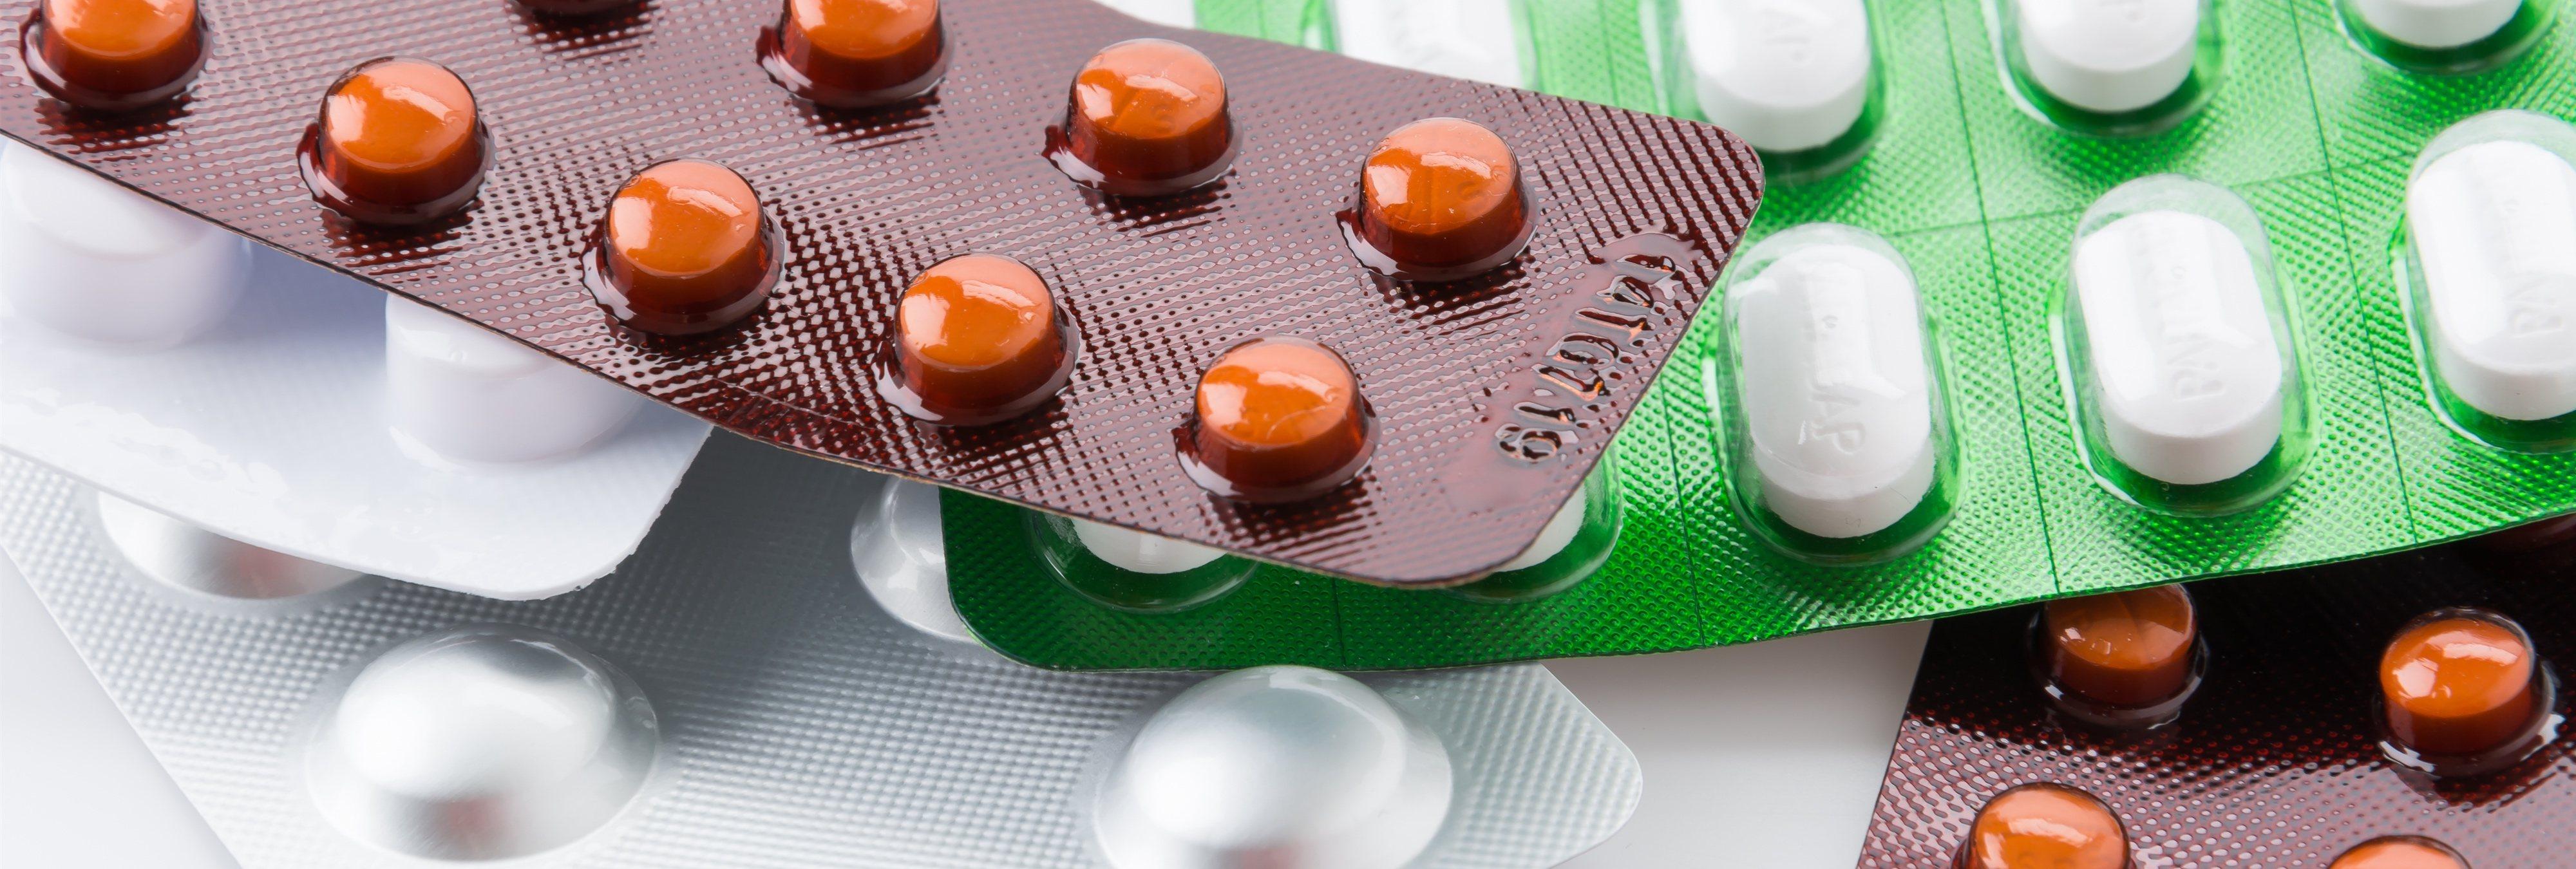 Sanidad retira estos fármacos porque podrían causar cáncer